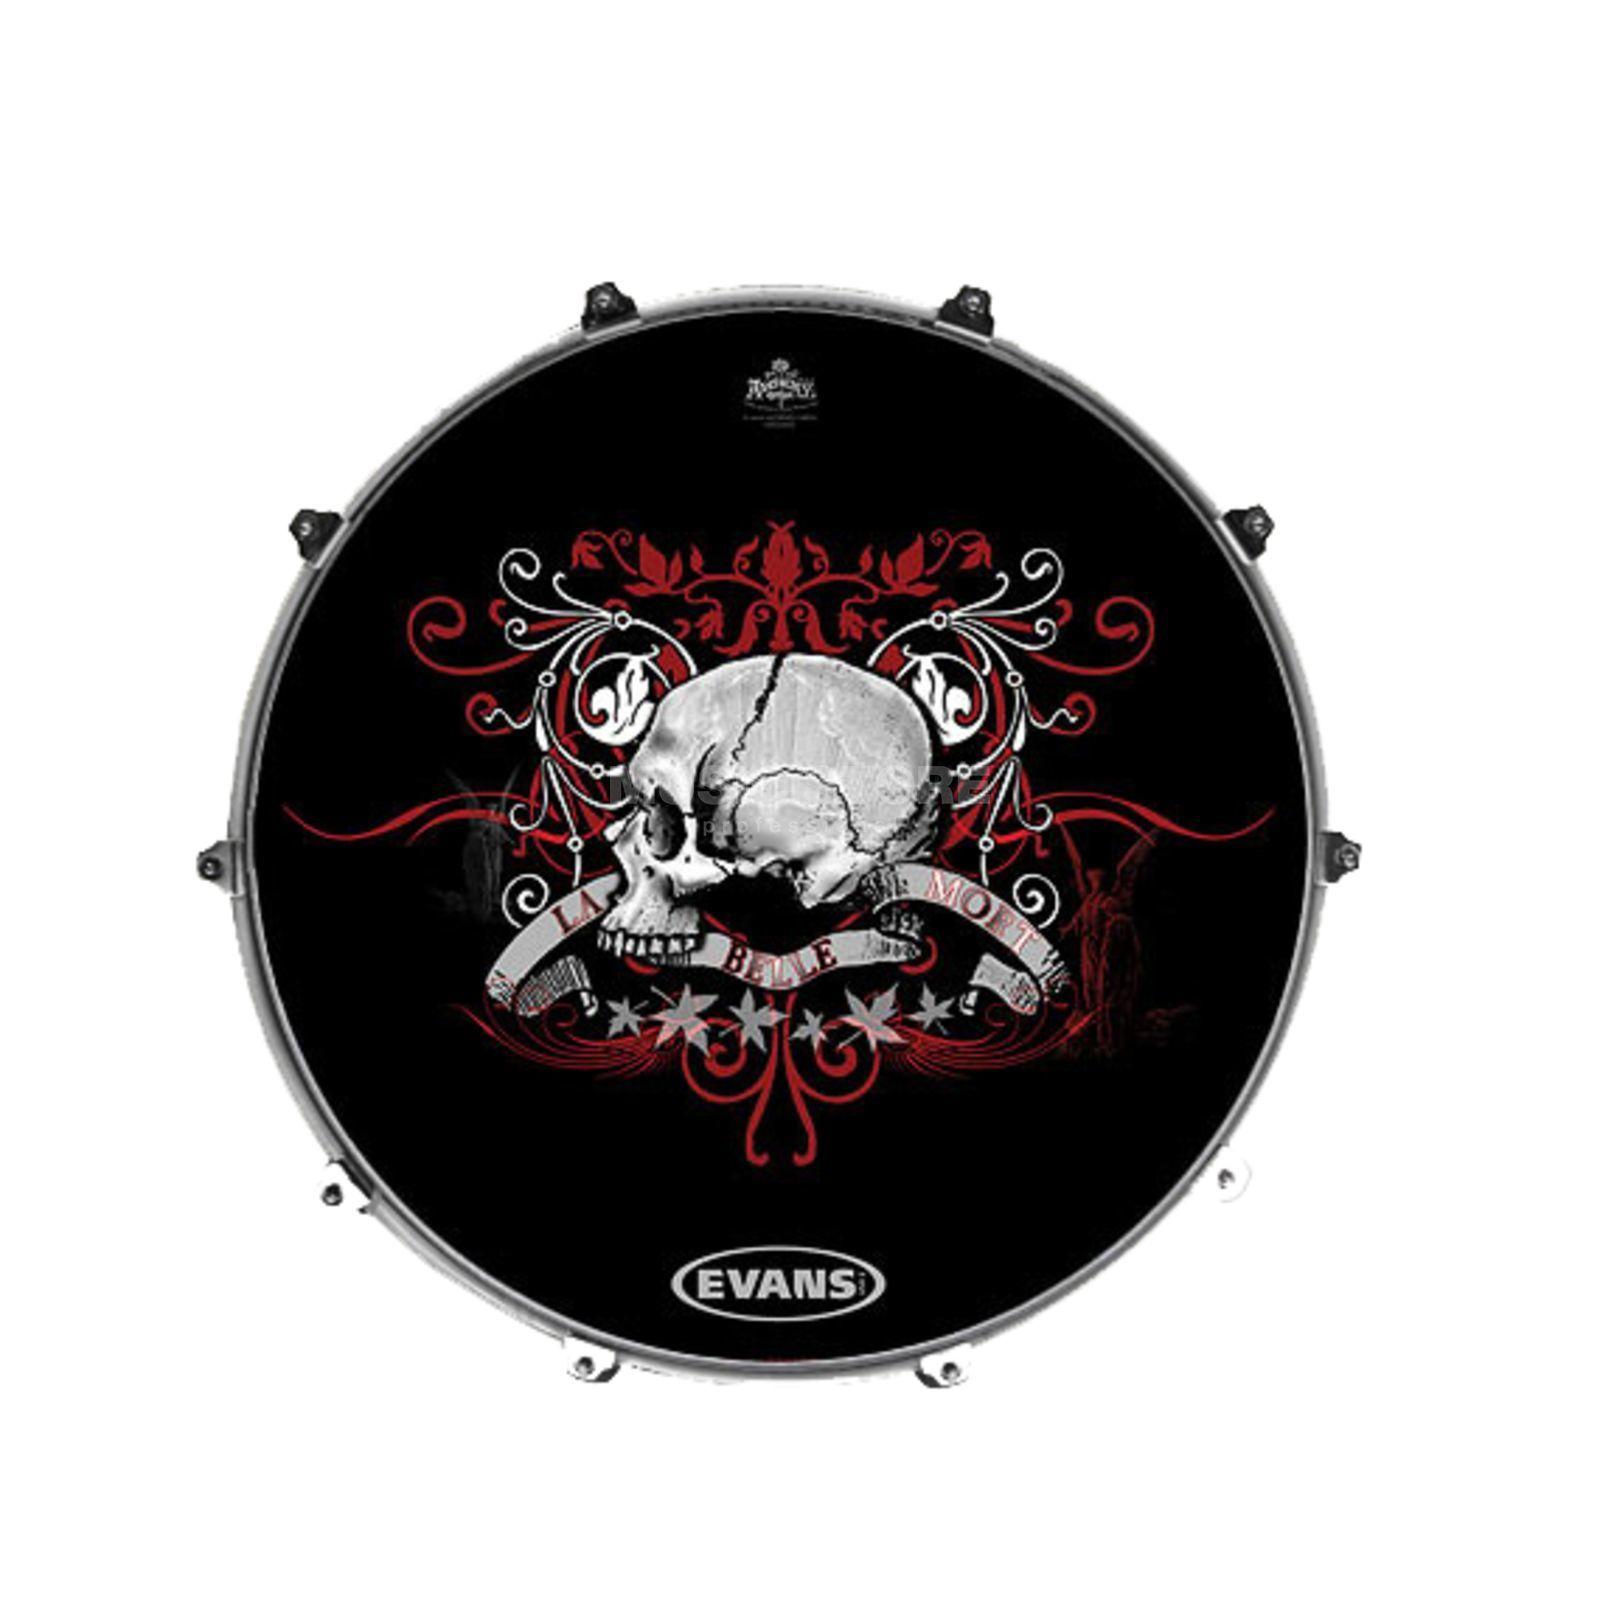 evans inked bass drum front head la belle morte 22. Black Bedroom Furniture Sets. Home Design Ideas